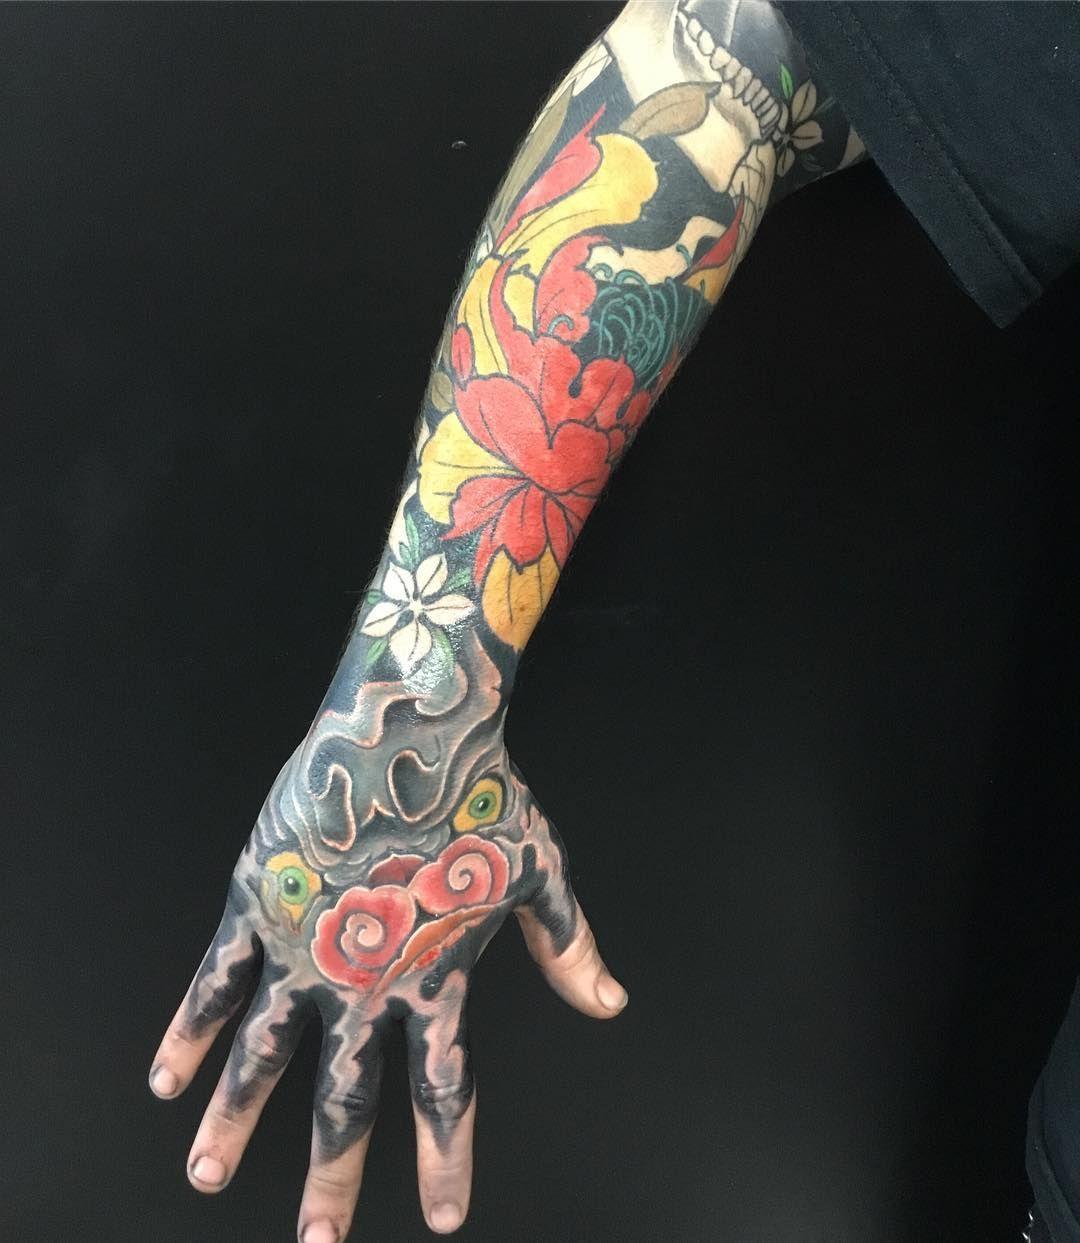 yakuza tattoo6 Yakuza